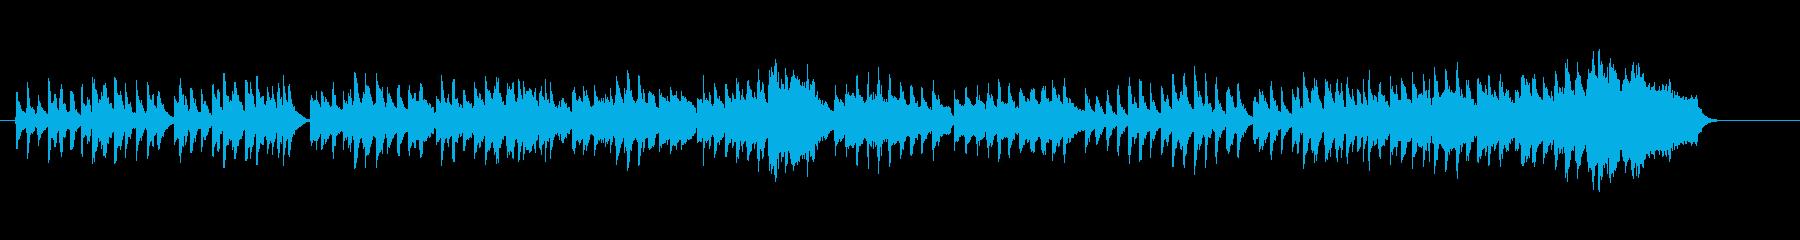 オリエンタル・メロディーの再生済みの波形